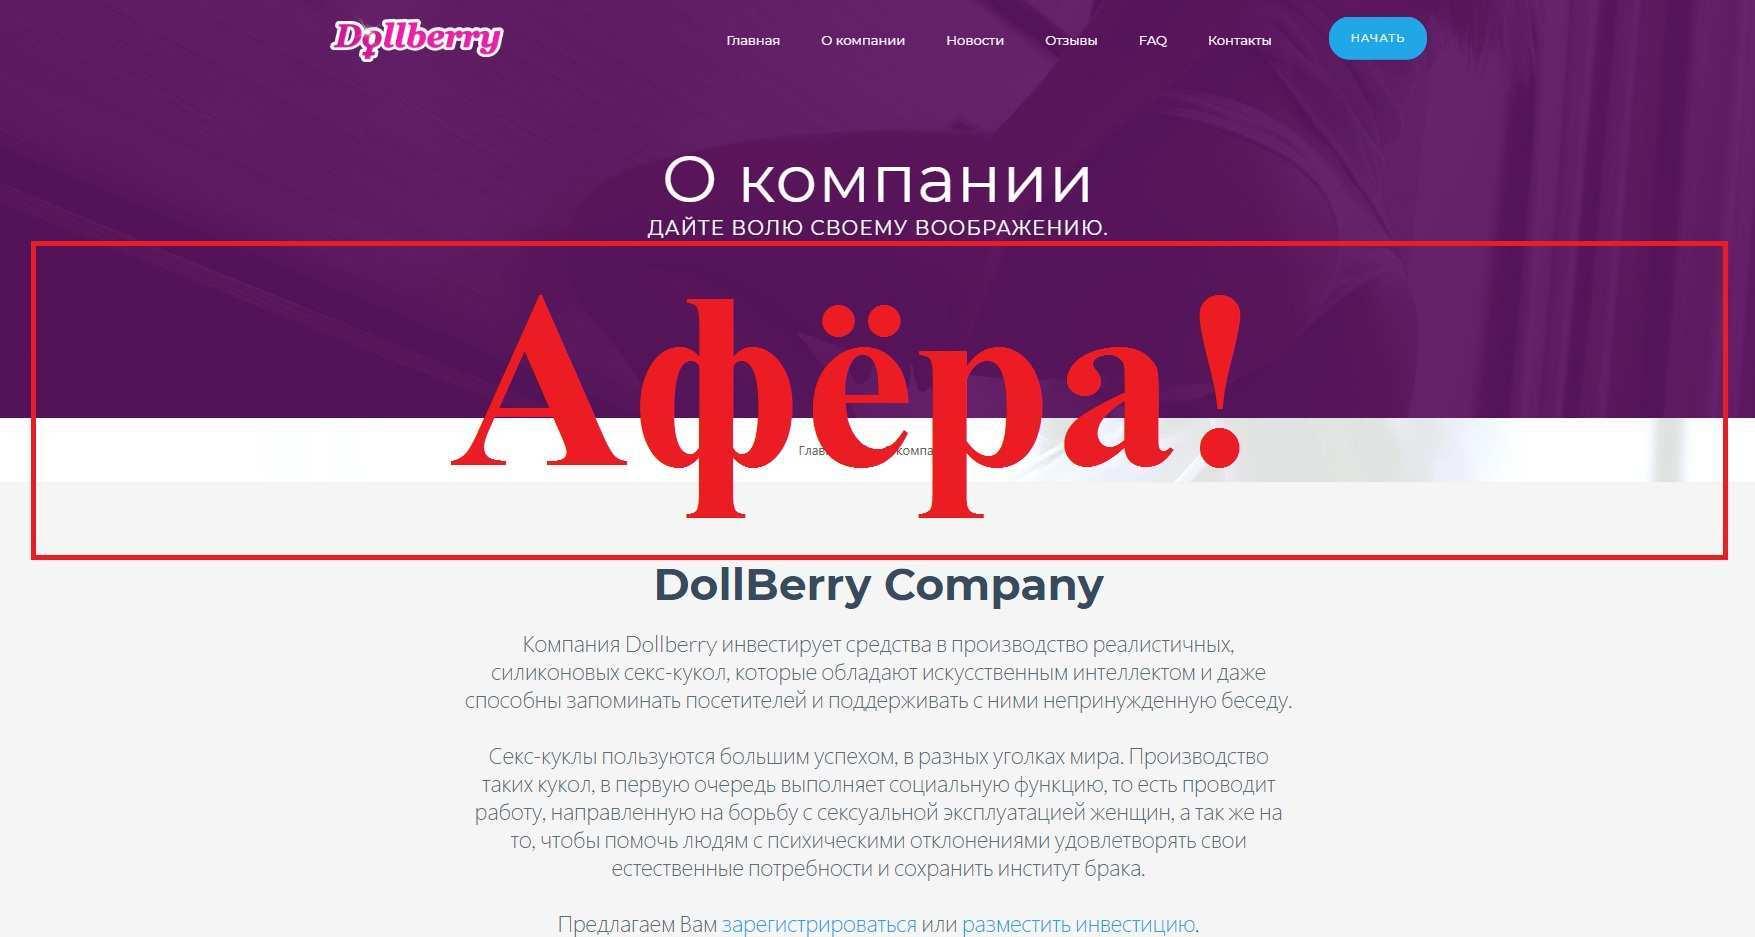 DollBerry – реальные отзывы о dollberry.net